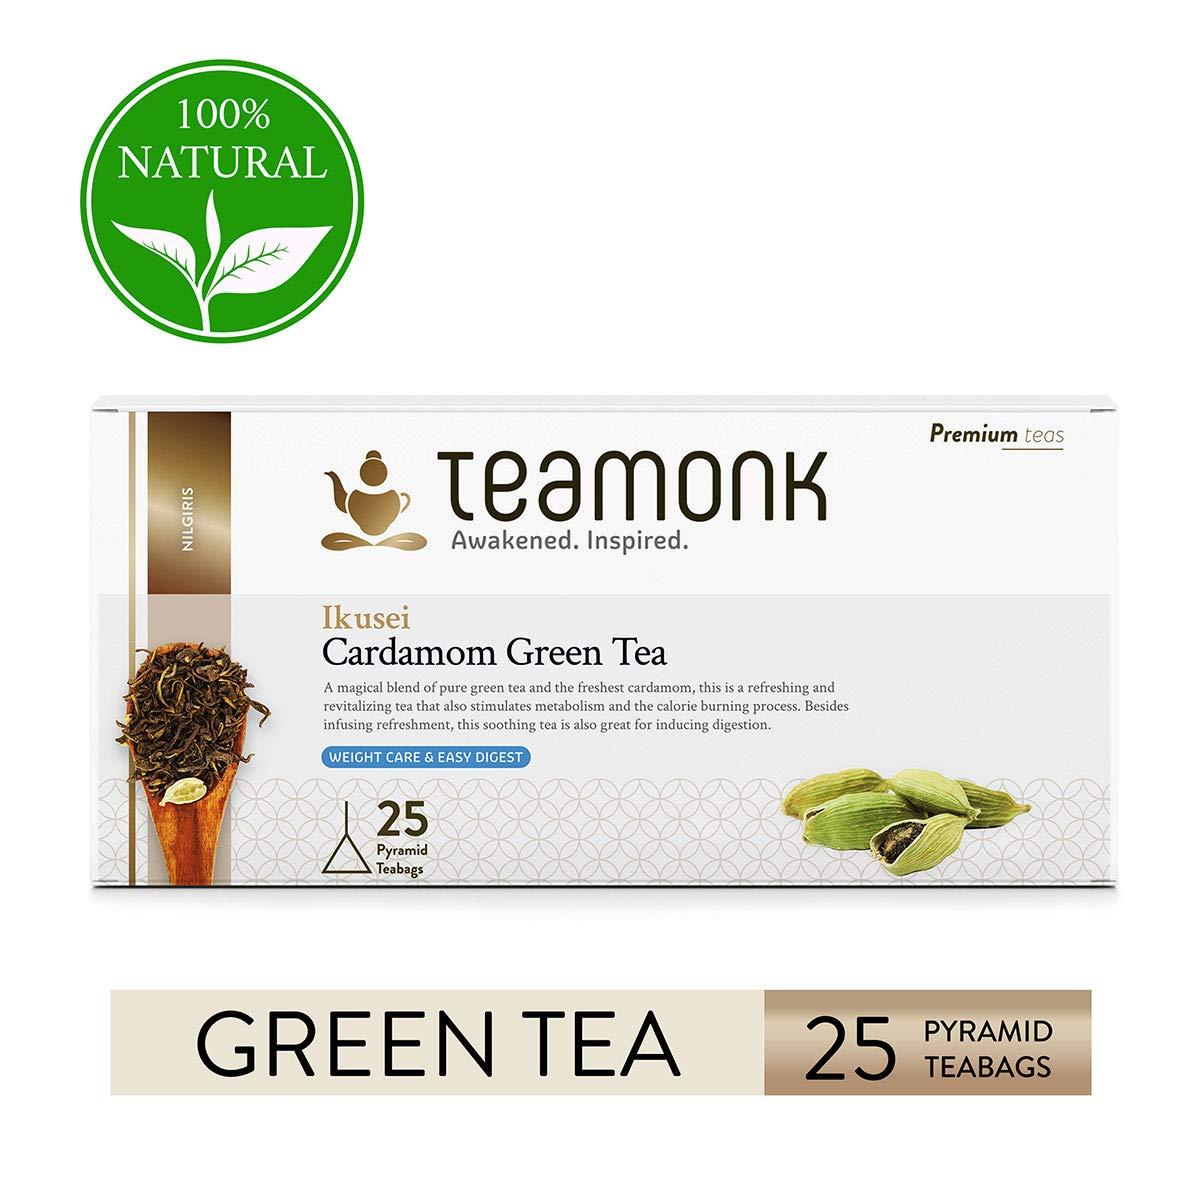 Teamonk Ikusei Nilgiri Cardamom Green Tea Bags - 25 Teabags